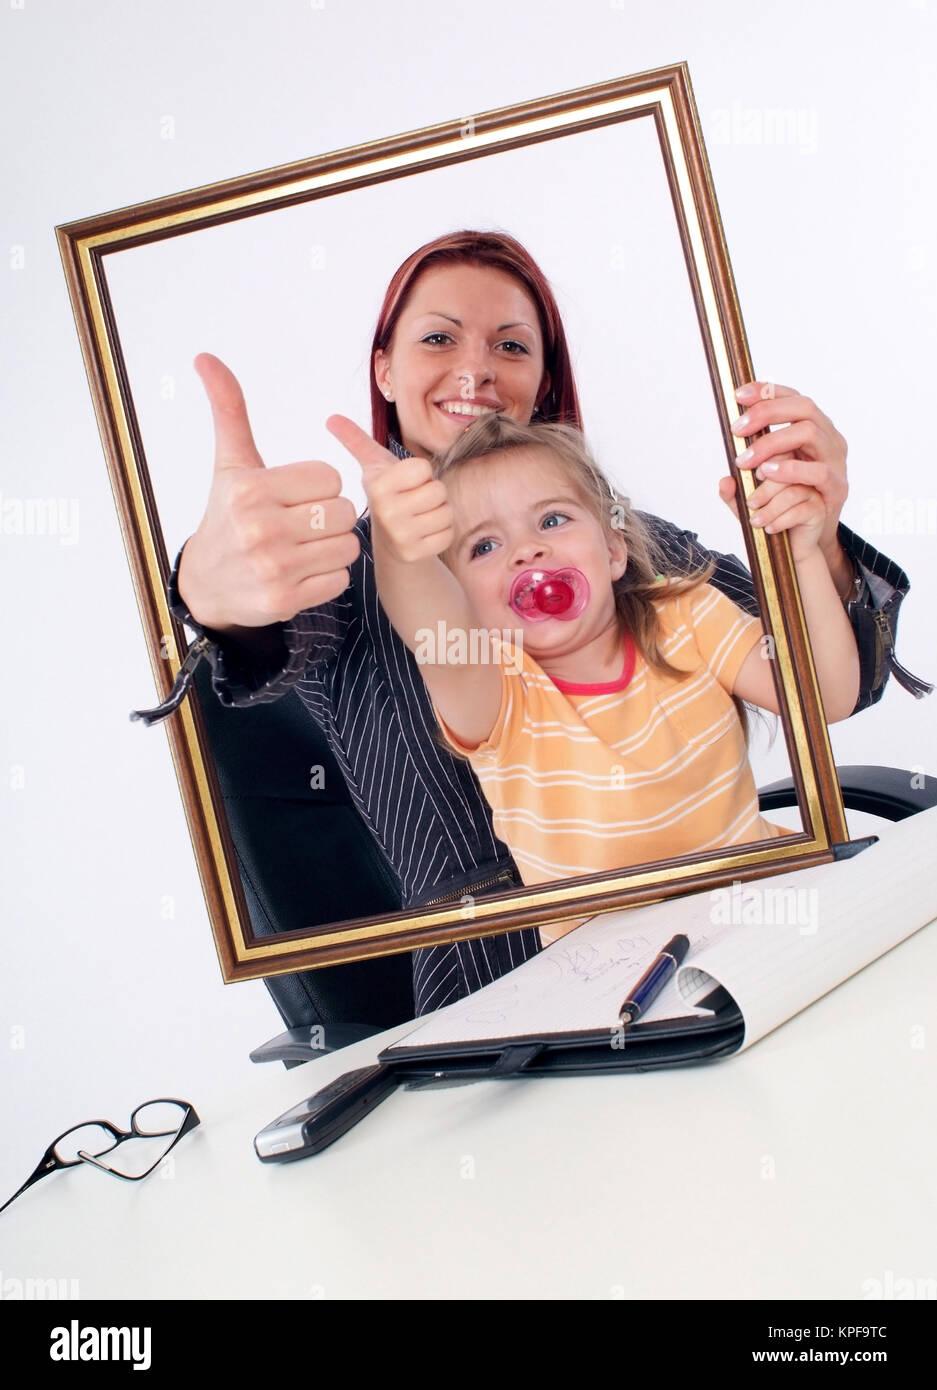 Symbolbild Karrierefrau und Mutter, erfolgreiche Geschaeftsfrau mit Tochter am Schreibtisch - sucessful businesswoman Stock Photo